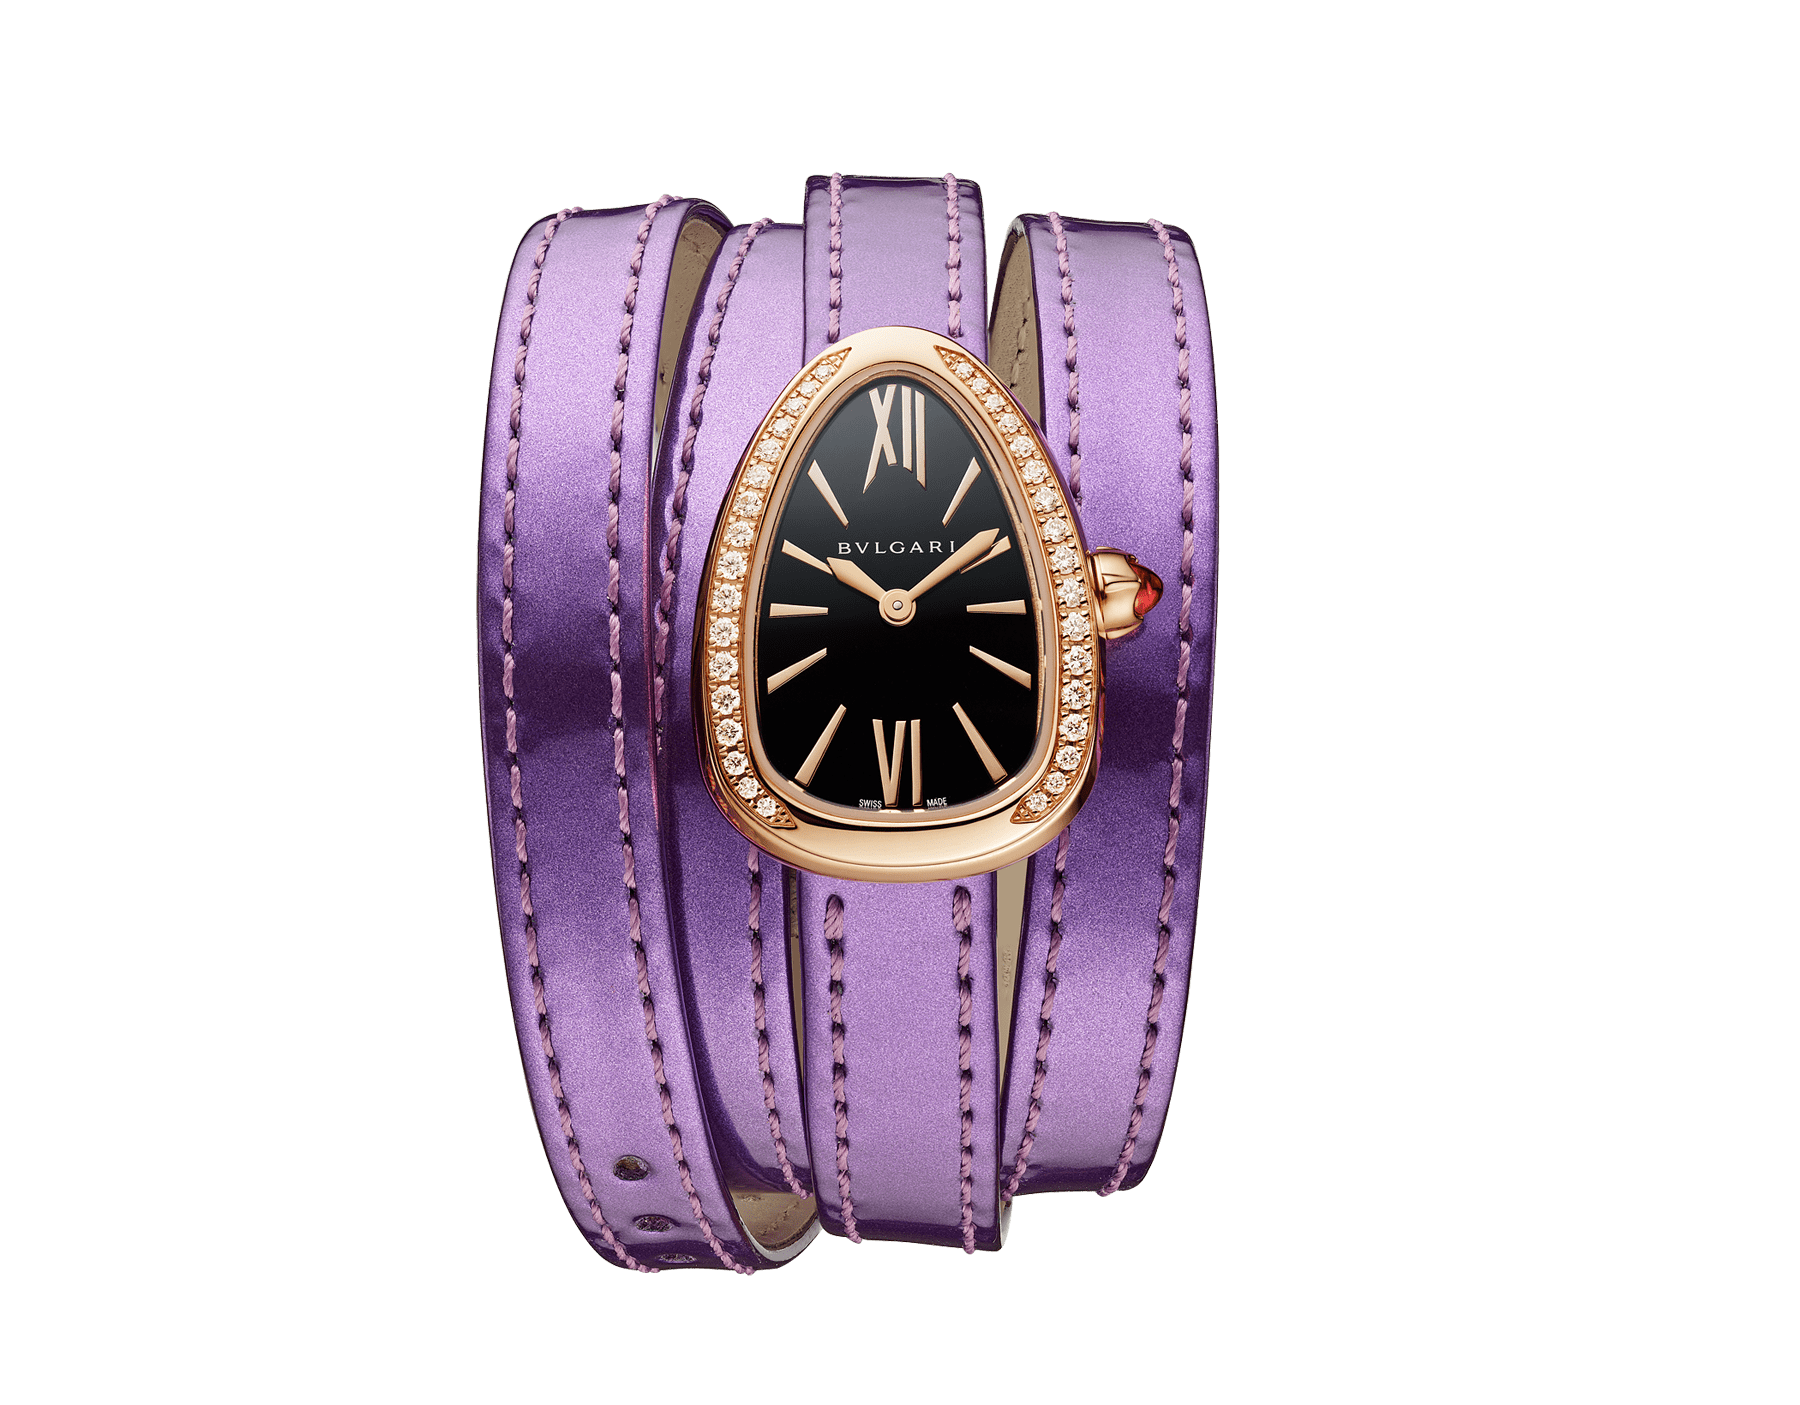 Montre Serpenti avec boîtier en or rose 18K serti de diamants, cadran laqué noir et bracelet quadruple spirale interchangeable en cuir de veau aspect métal brossé couleur jade glycine. 102969 image 1